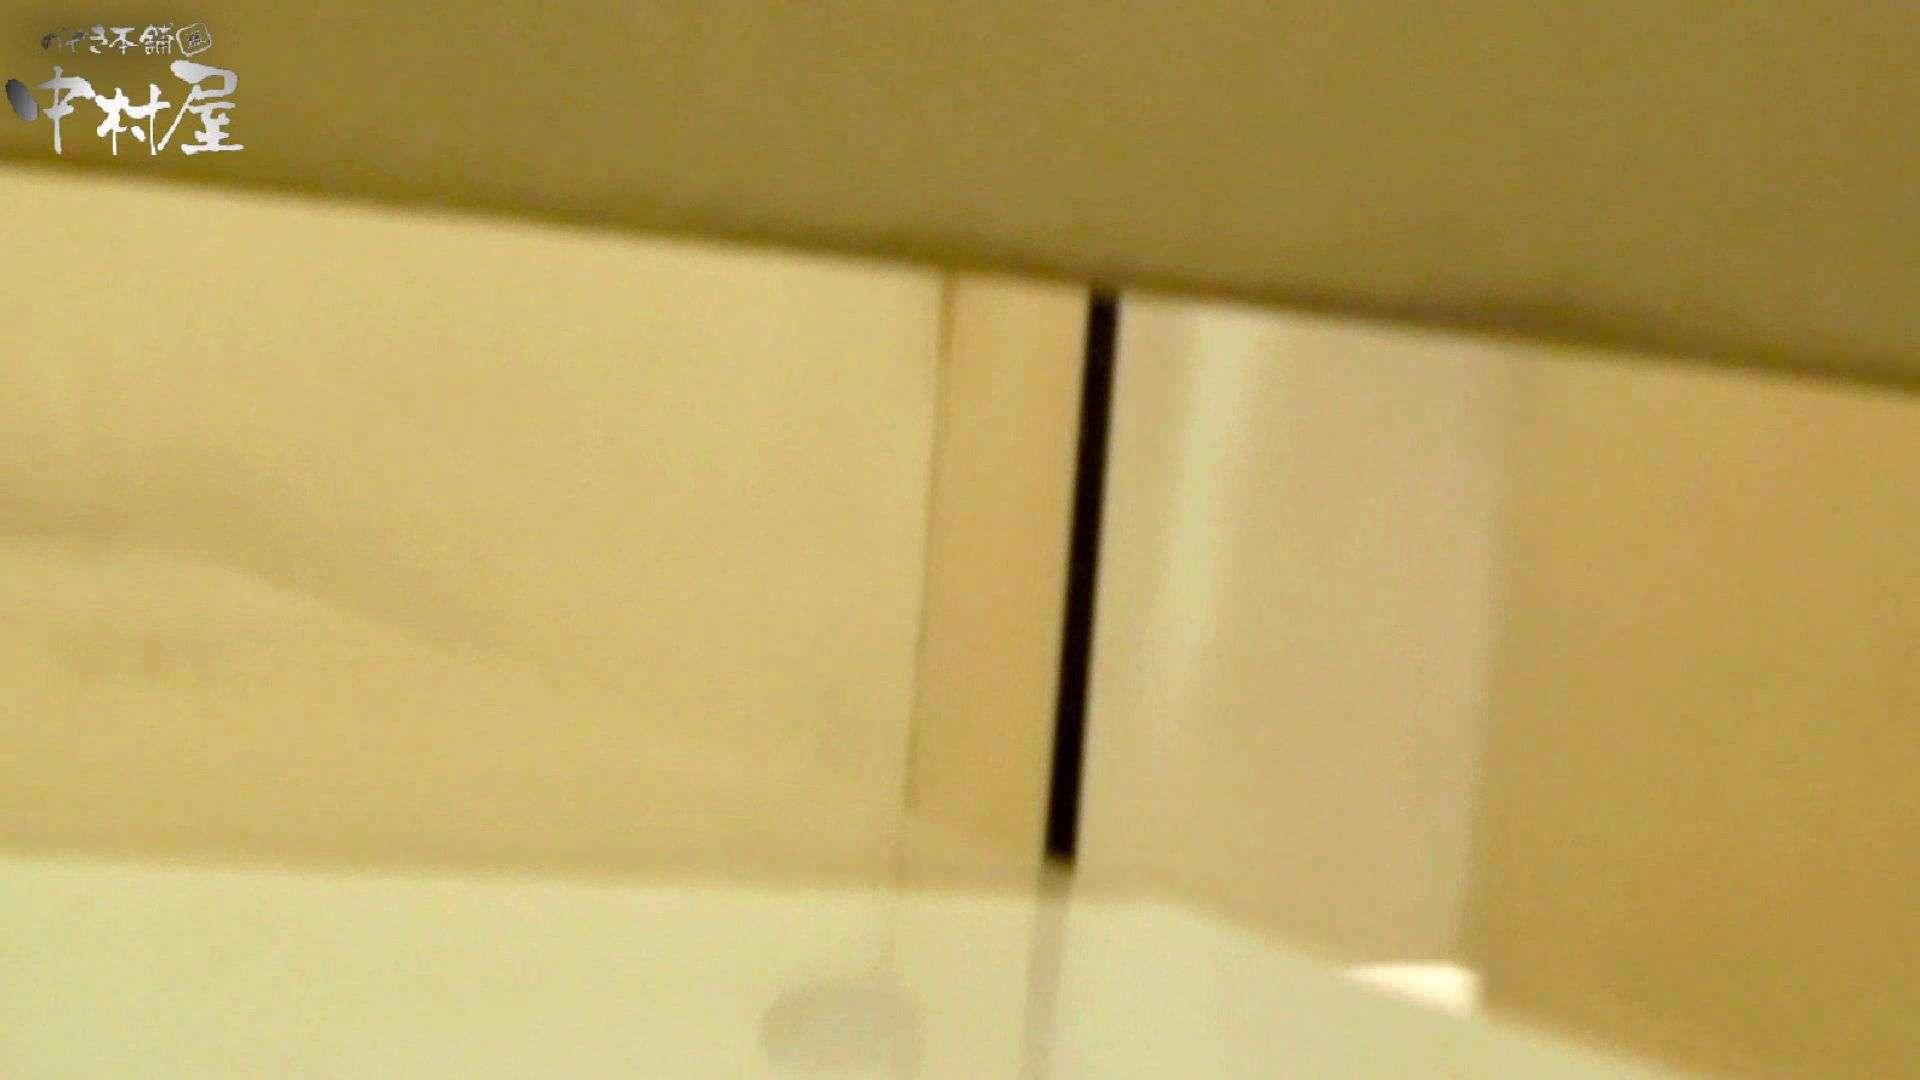 新世界の射窓 No70 世界の窓70 八頭身美女のエロい中腰 美女丸裸 | 洗面所突入  86pic 45